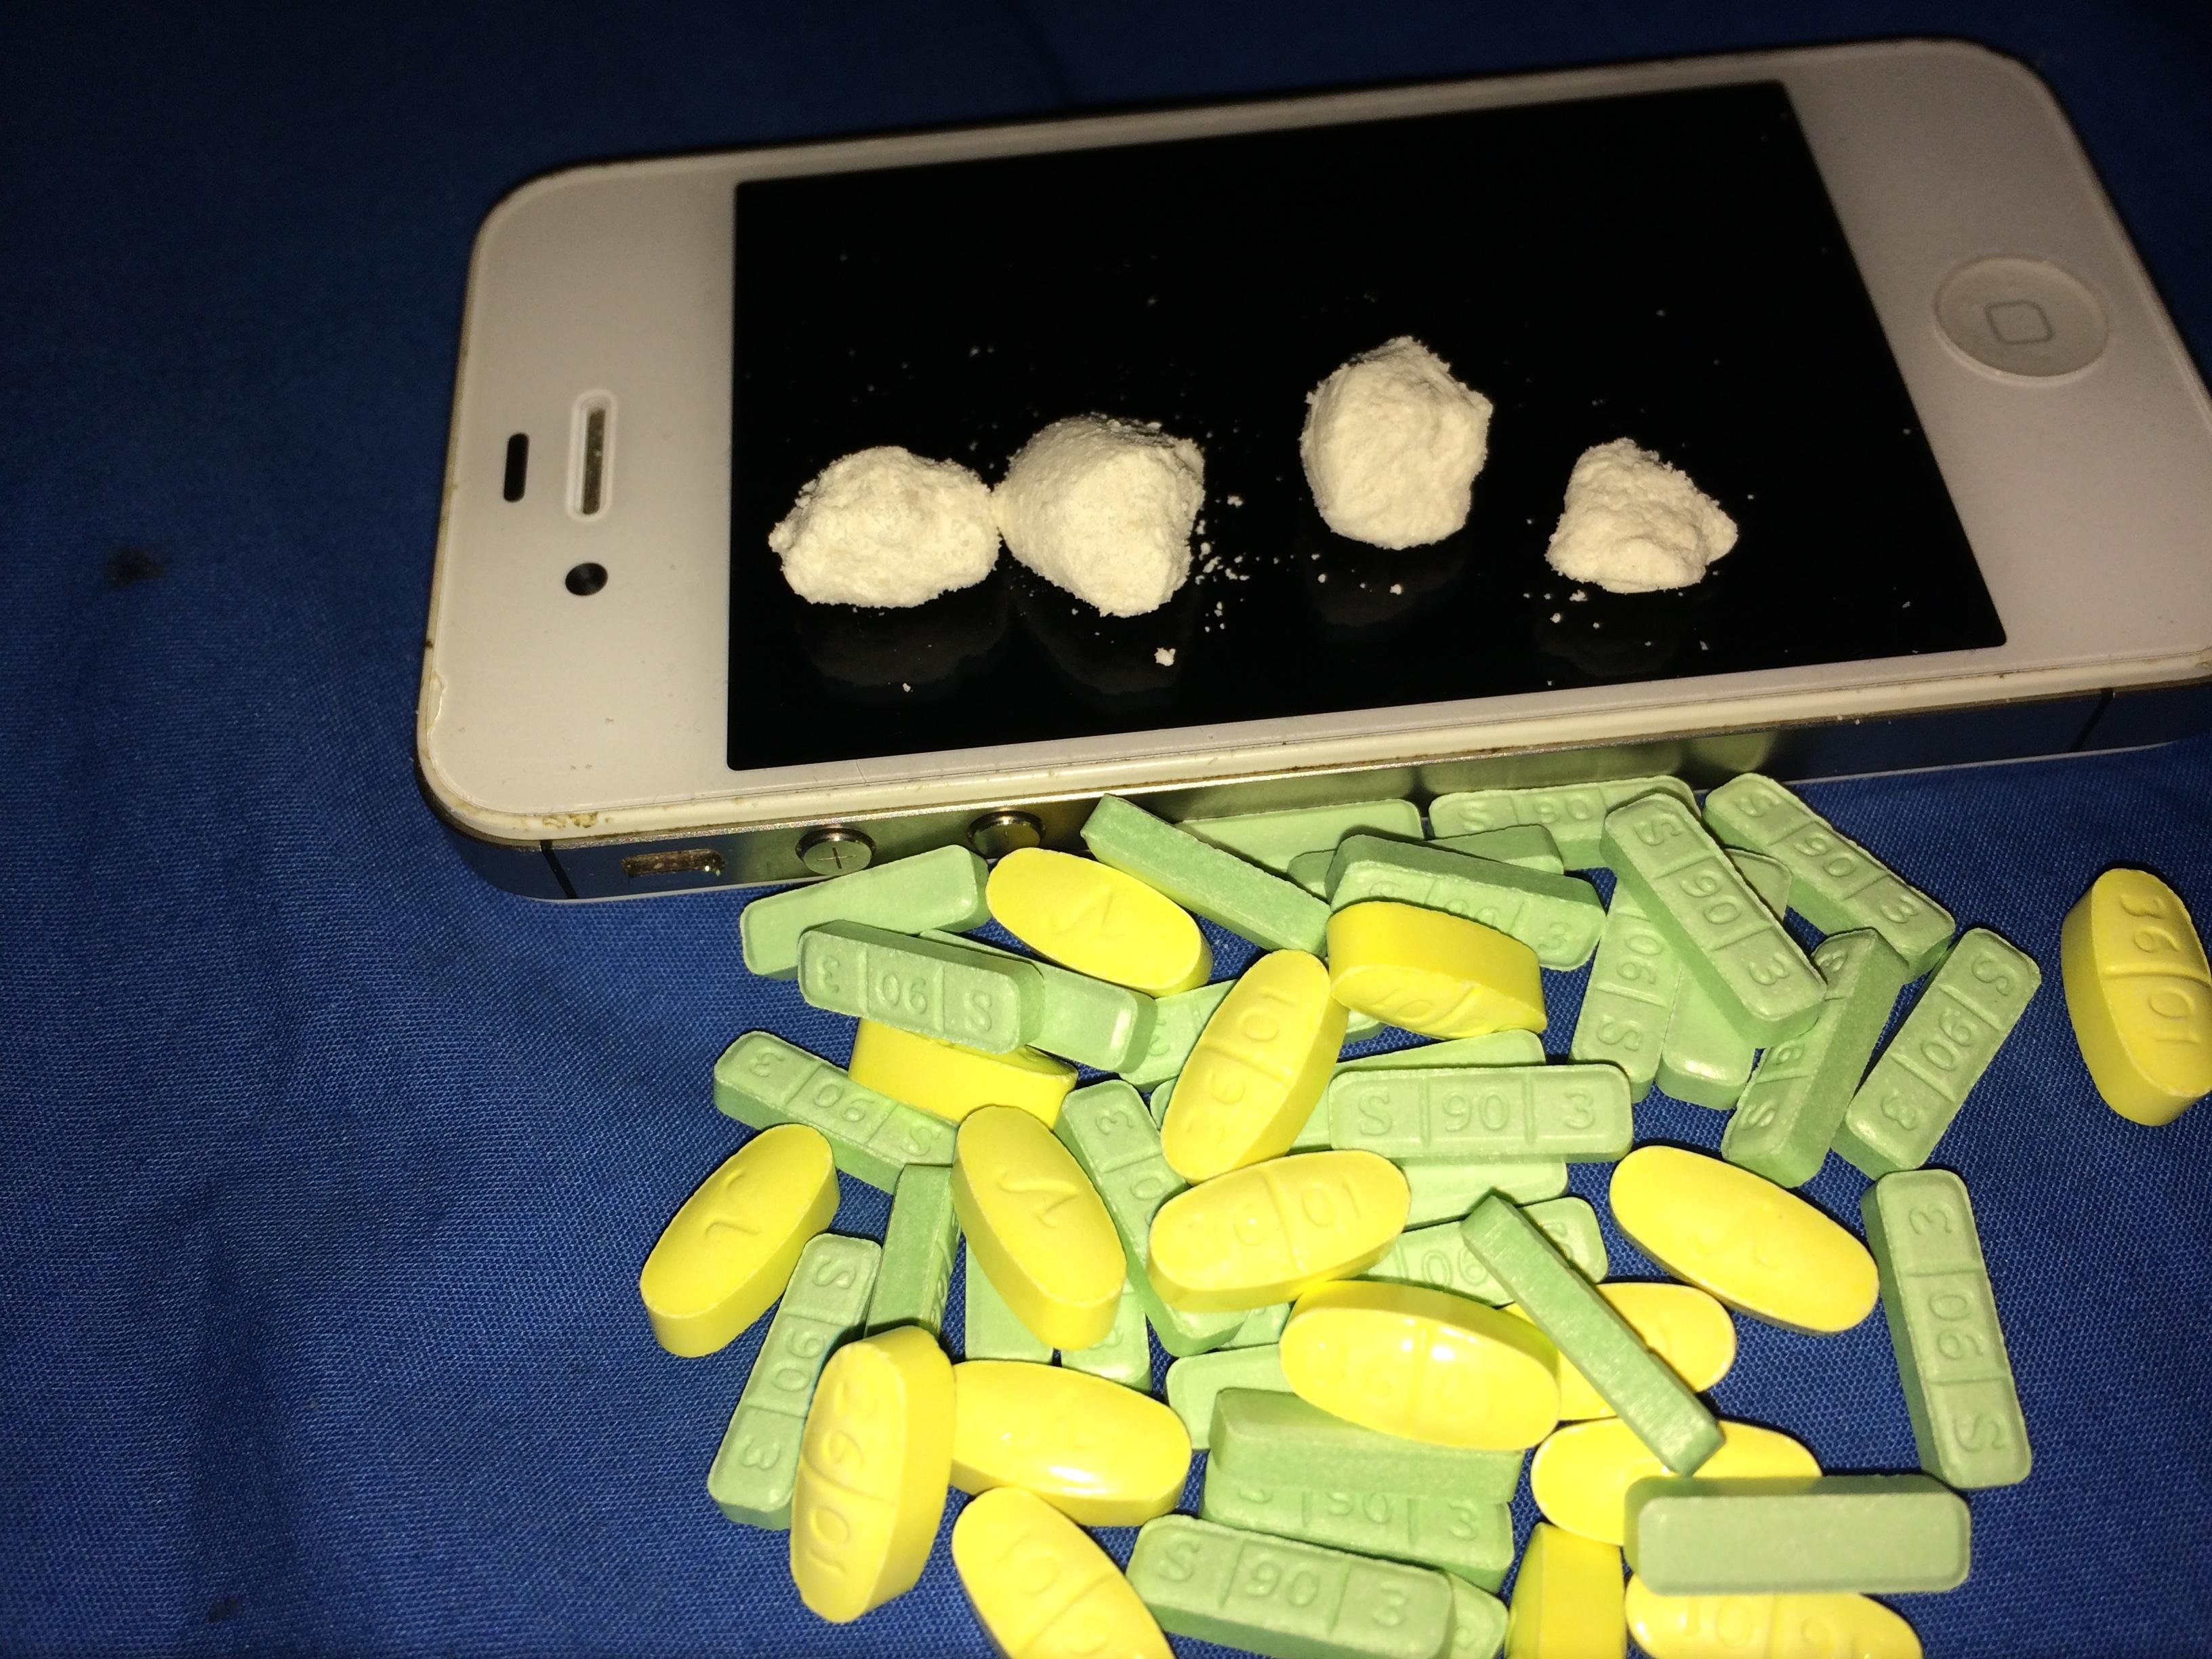 Stash oil based coke xanax and 10 mg Vicodin   Album on Imgur 3264x2448